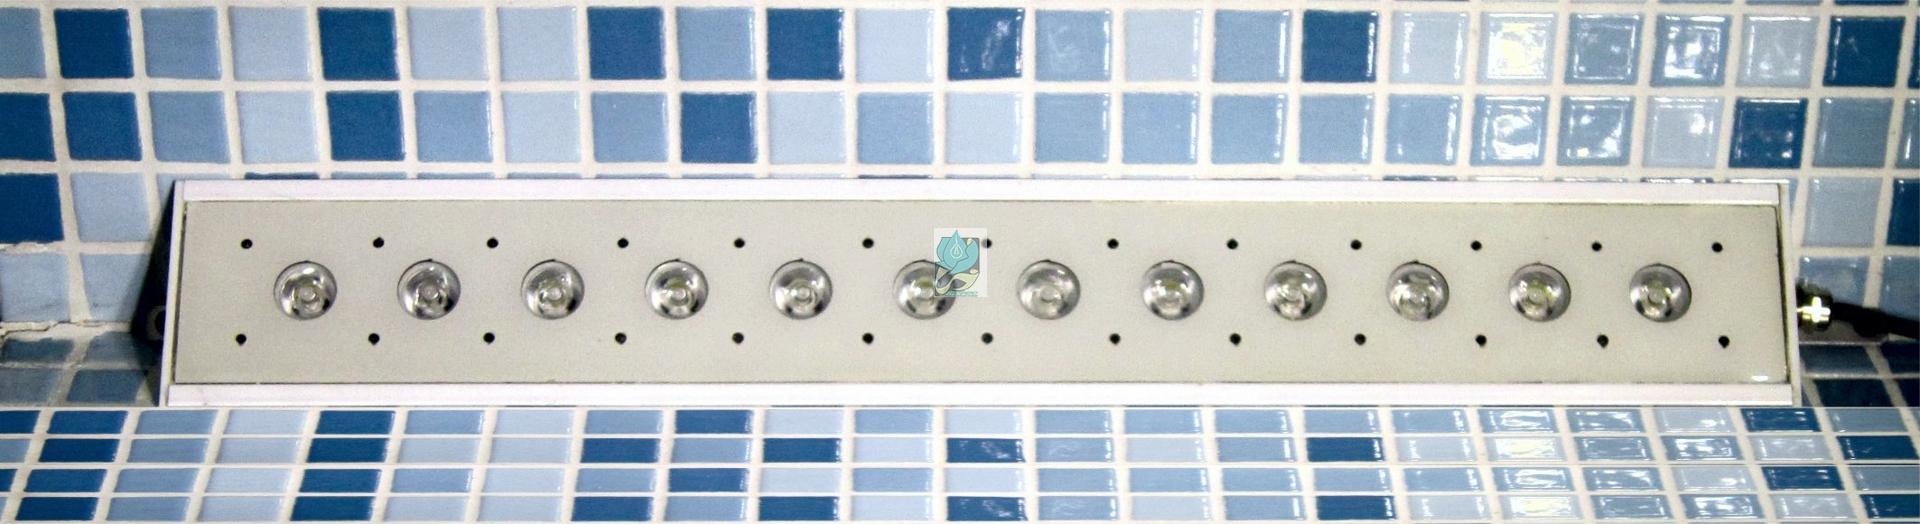 چراغ روکار استخری کنج مولتی کالر 18 وات 12 ولت مدل 18RKM - چراغ روکار استخری کنج - چراغ روکار استخری مولتی کالر